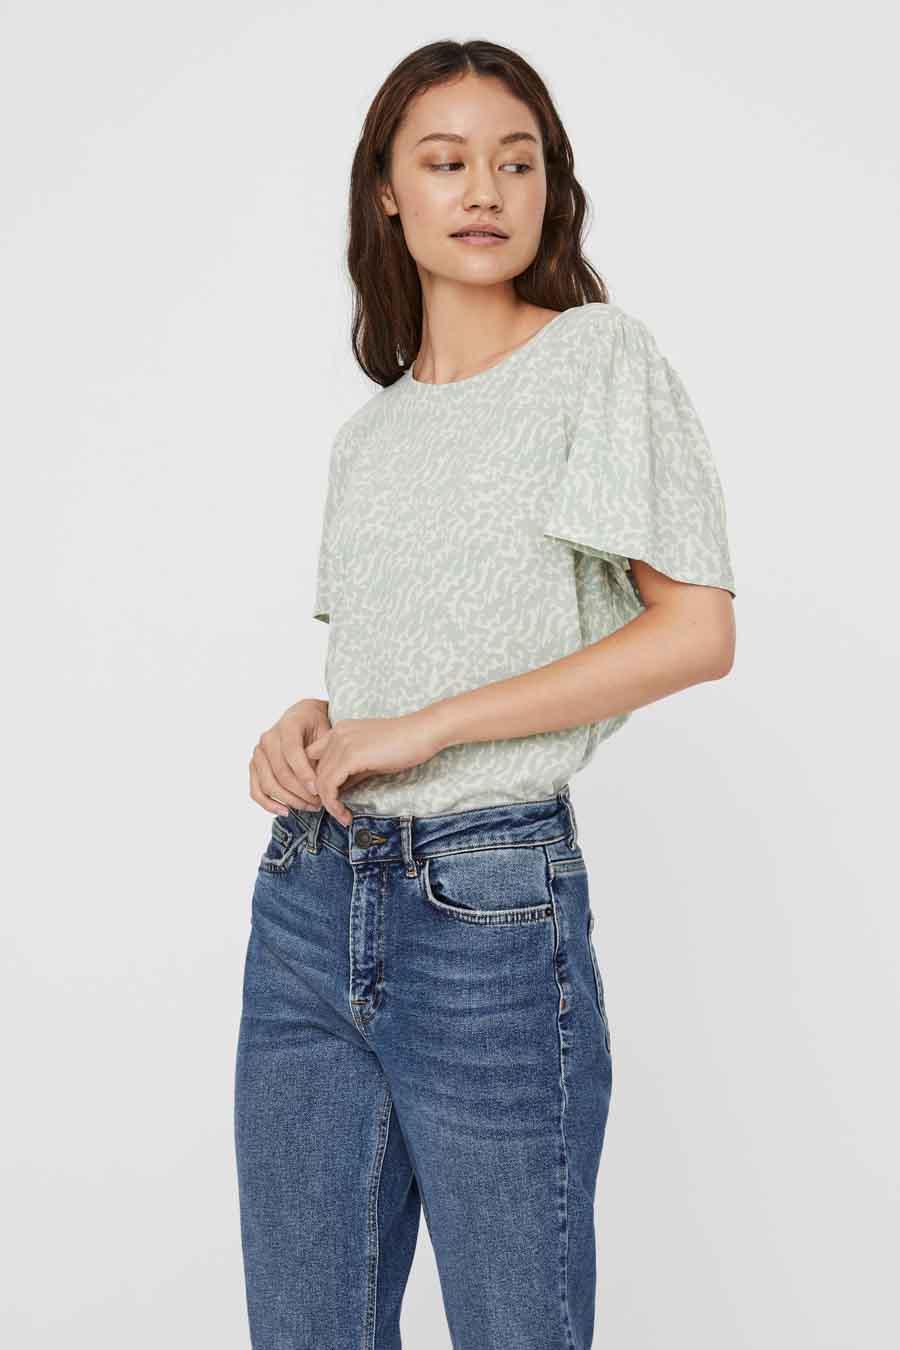 Vero Moda® Blouse lange mouwen, Groen, Dames, Maat: L/M/S/XL/XS